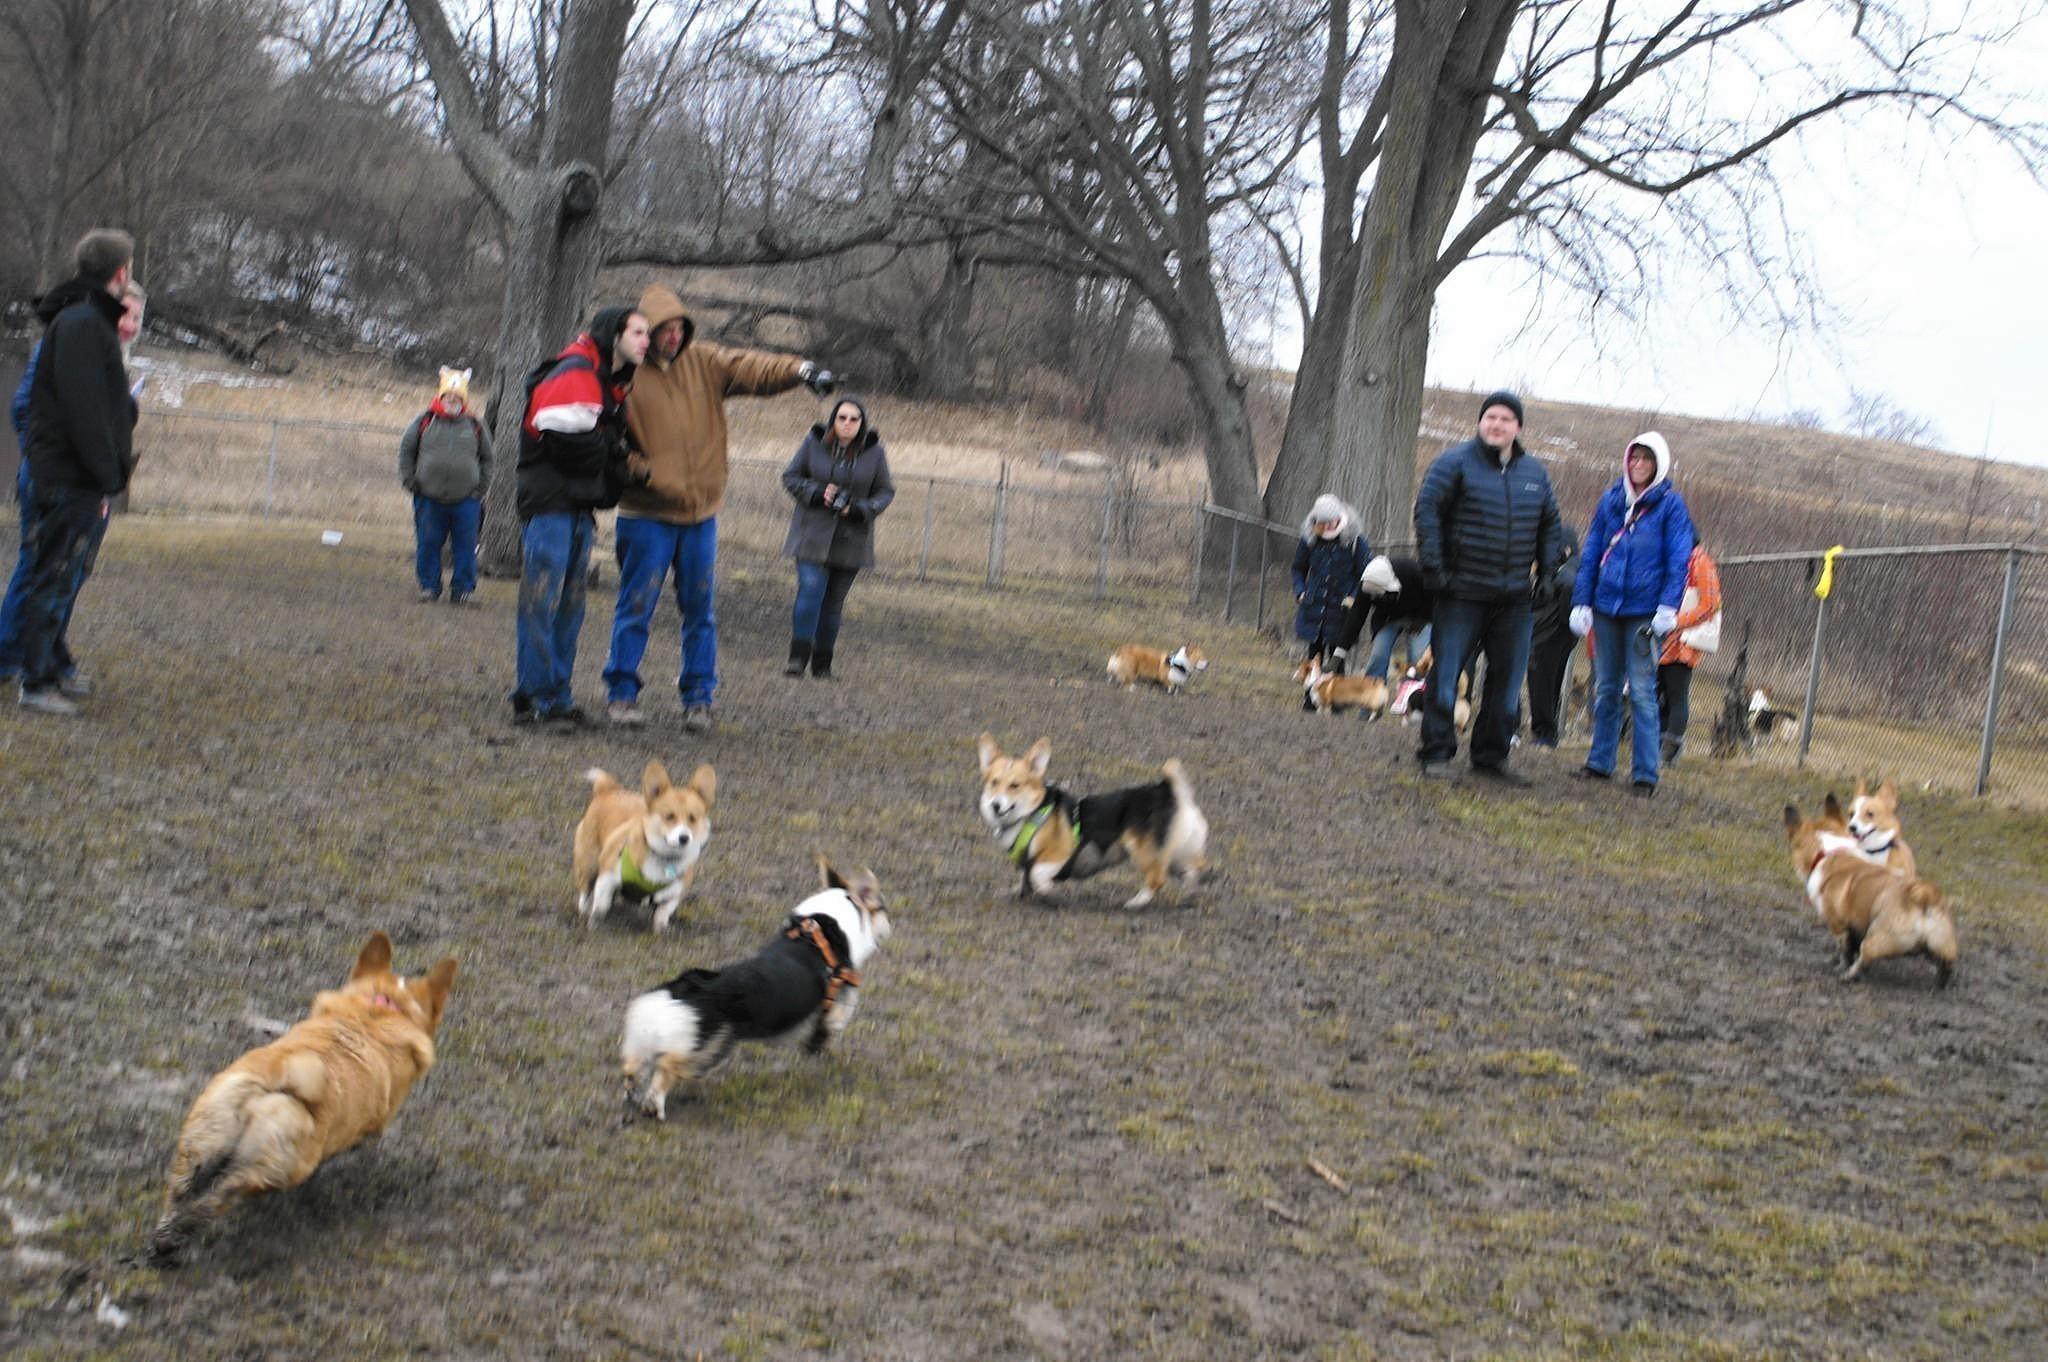 Schweitzer Woods Dog Park